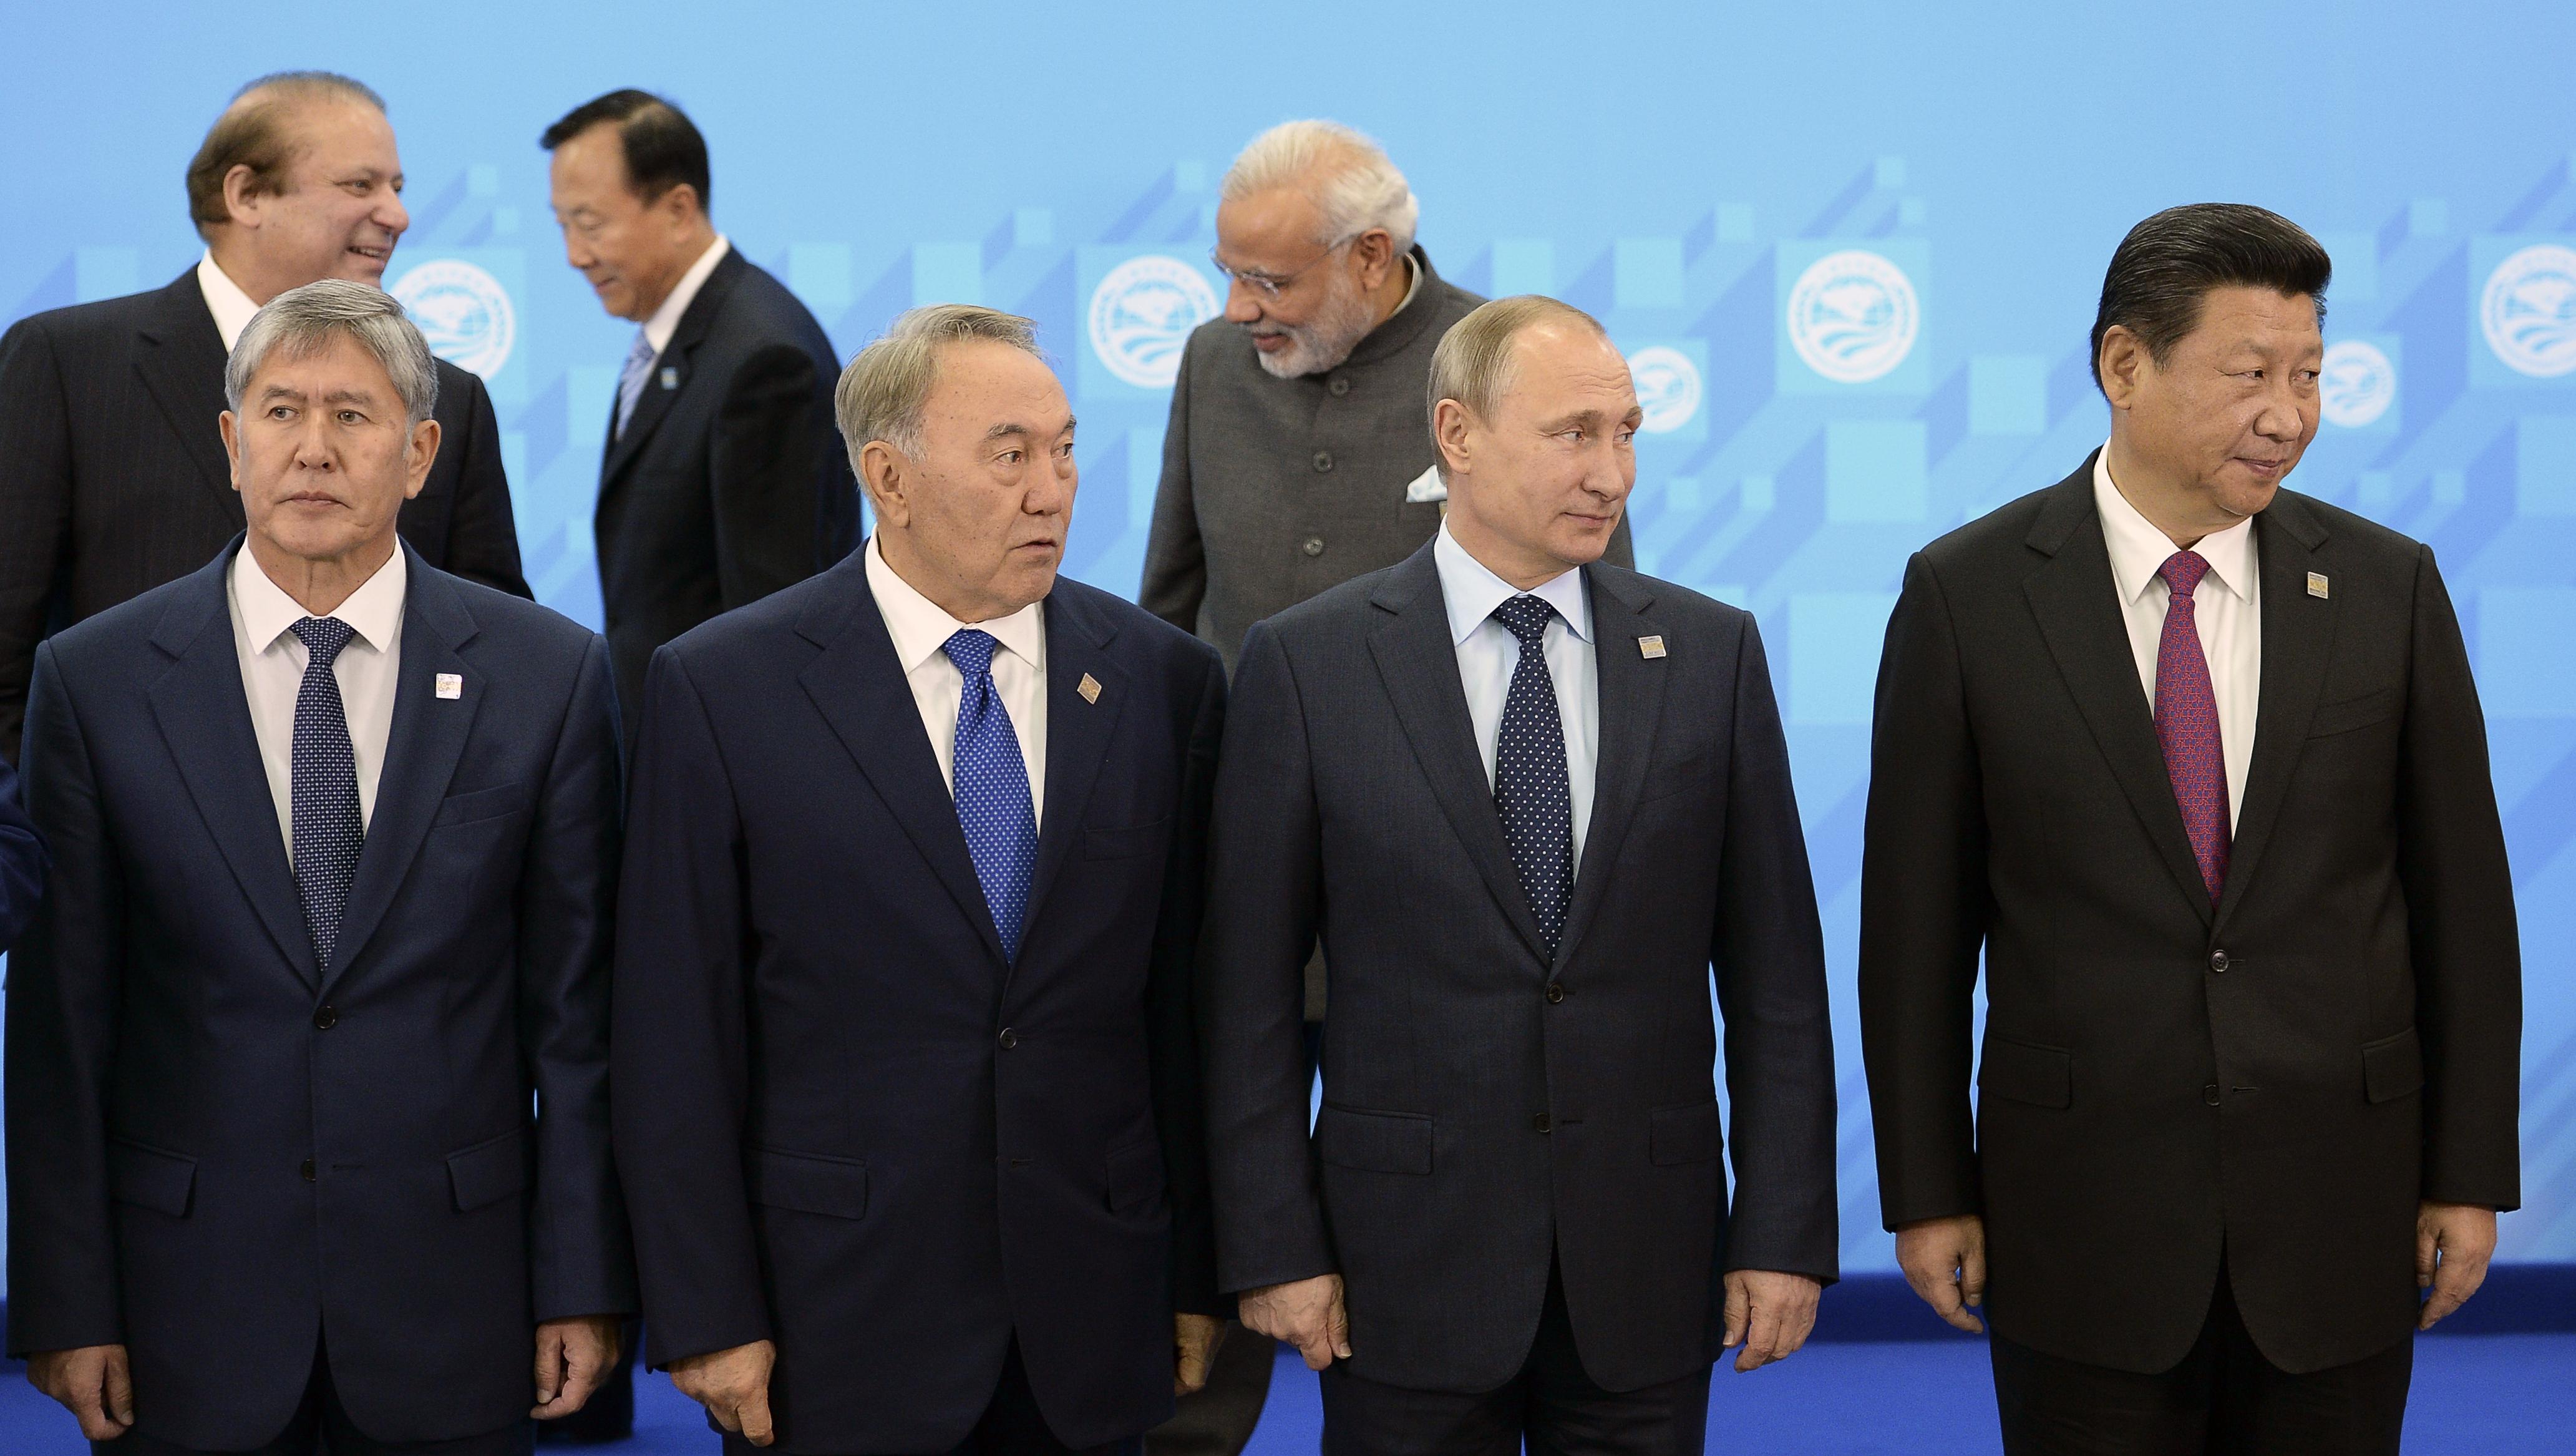 Анализаторите са на мнение, че импулсът, който ШОС получи, до голяма степен е свързан с промяната на подхода на Москва към организацията, в светлината на влошените отношения между Русия и Запада в резултат на украинската криза.